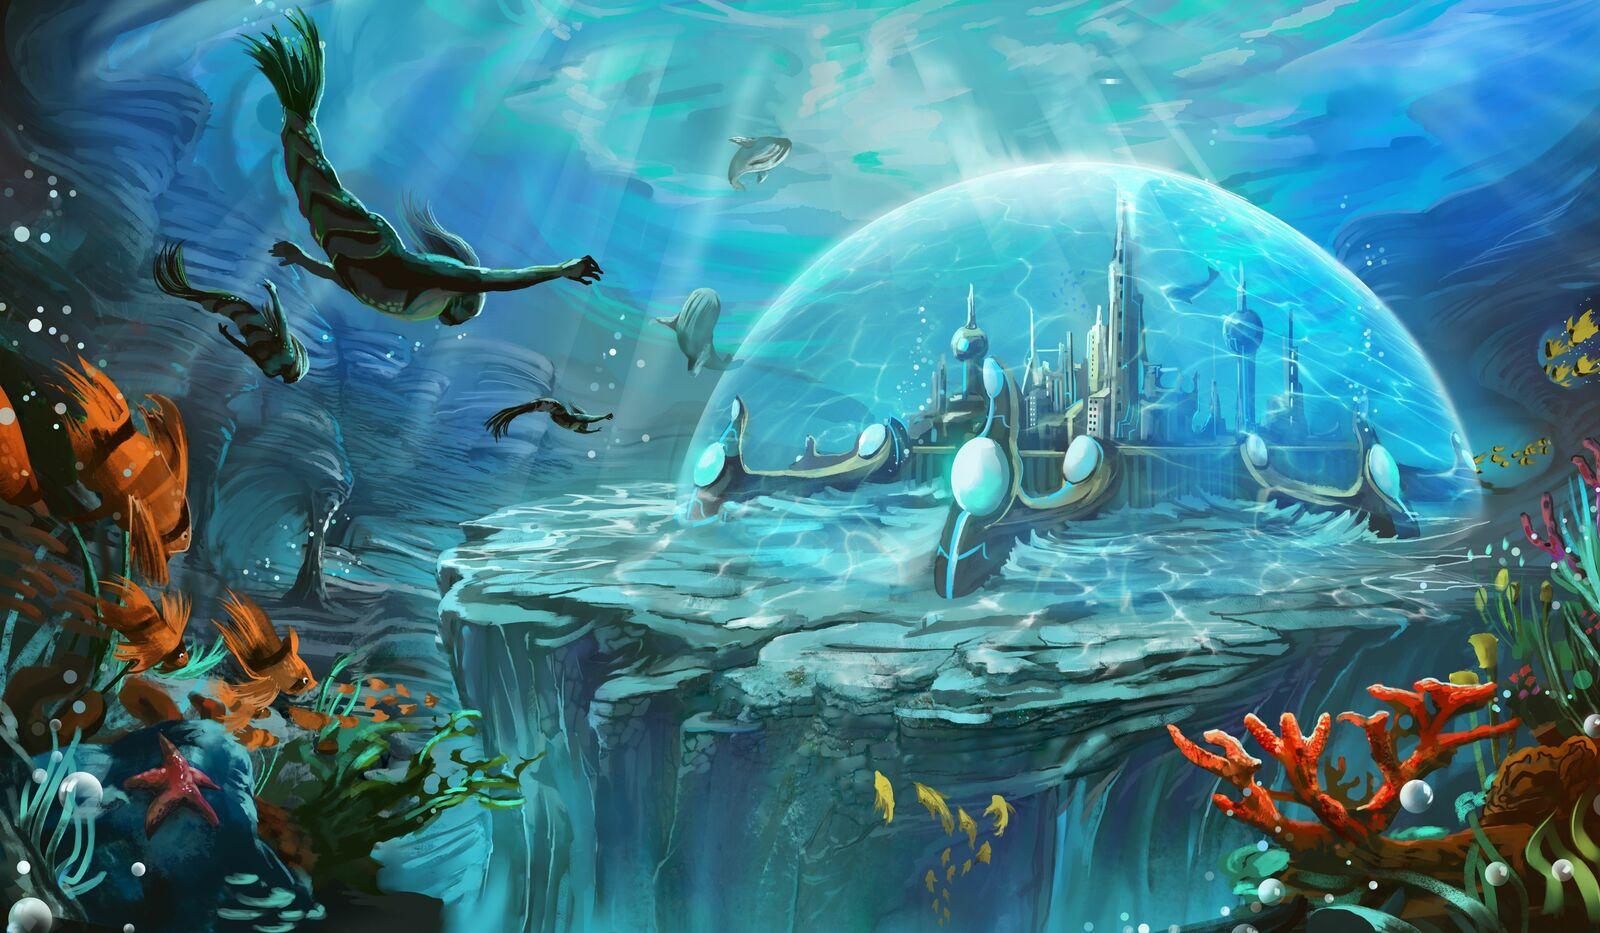 Tche, le Grand Prêtre de la civilisation d'Aquator canalisé par Marta - 08/04/2021.